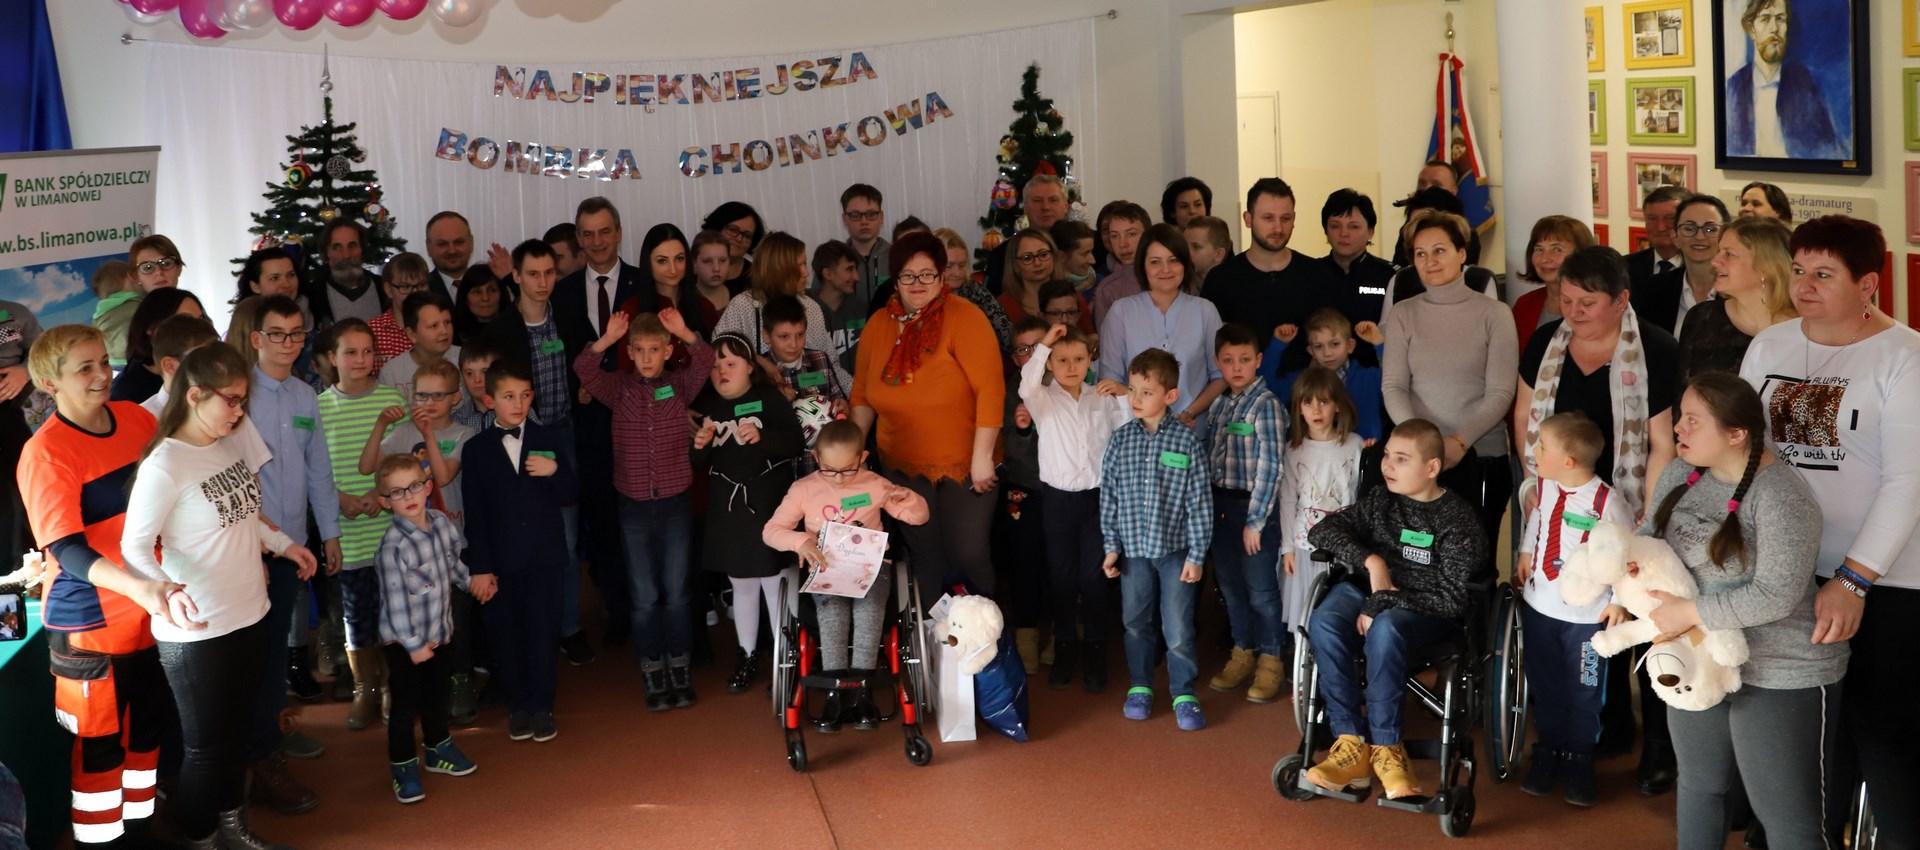 XI Miejsko - Gminny Bożonarodzeniowy Konkurs Plastyczny dzieci w Rupniowie- uczestnicy konkursu z rodzinami i przyjaciółmi